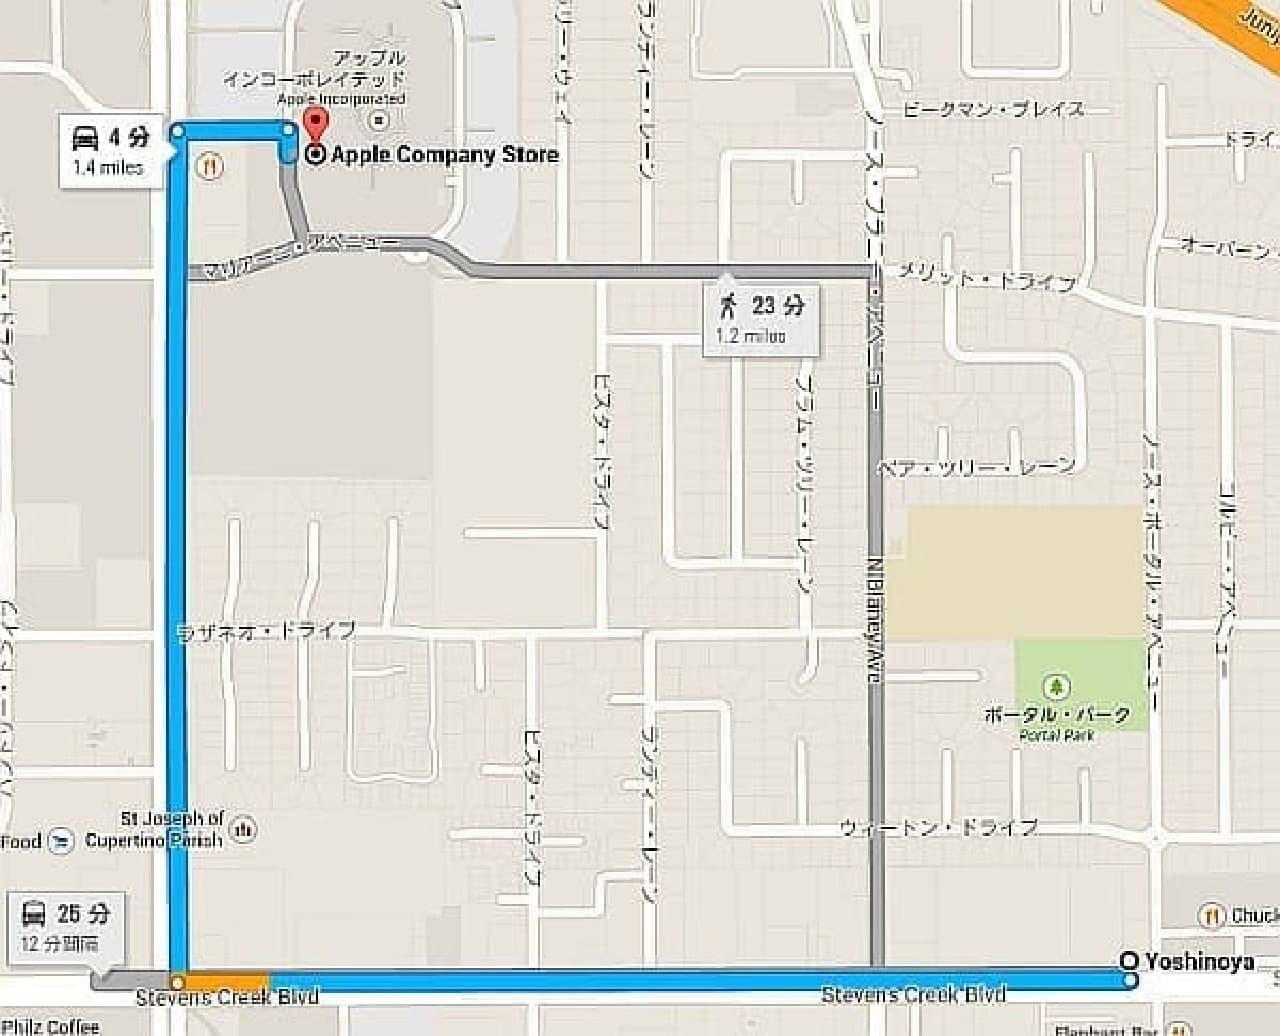 米国 Apple 本社から吉野家までの地図  ほんとに近いのがわかります(出典:Google マップ)